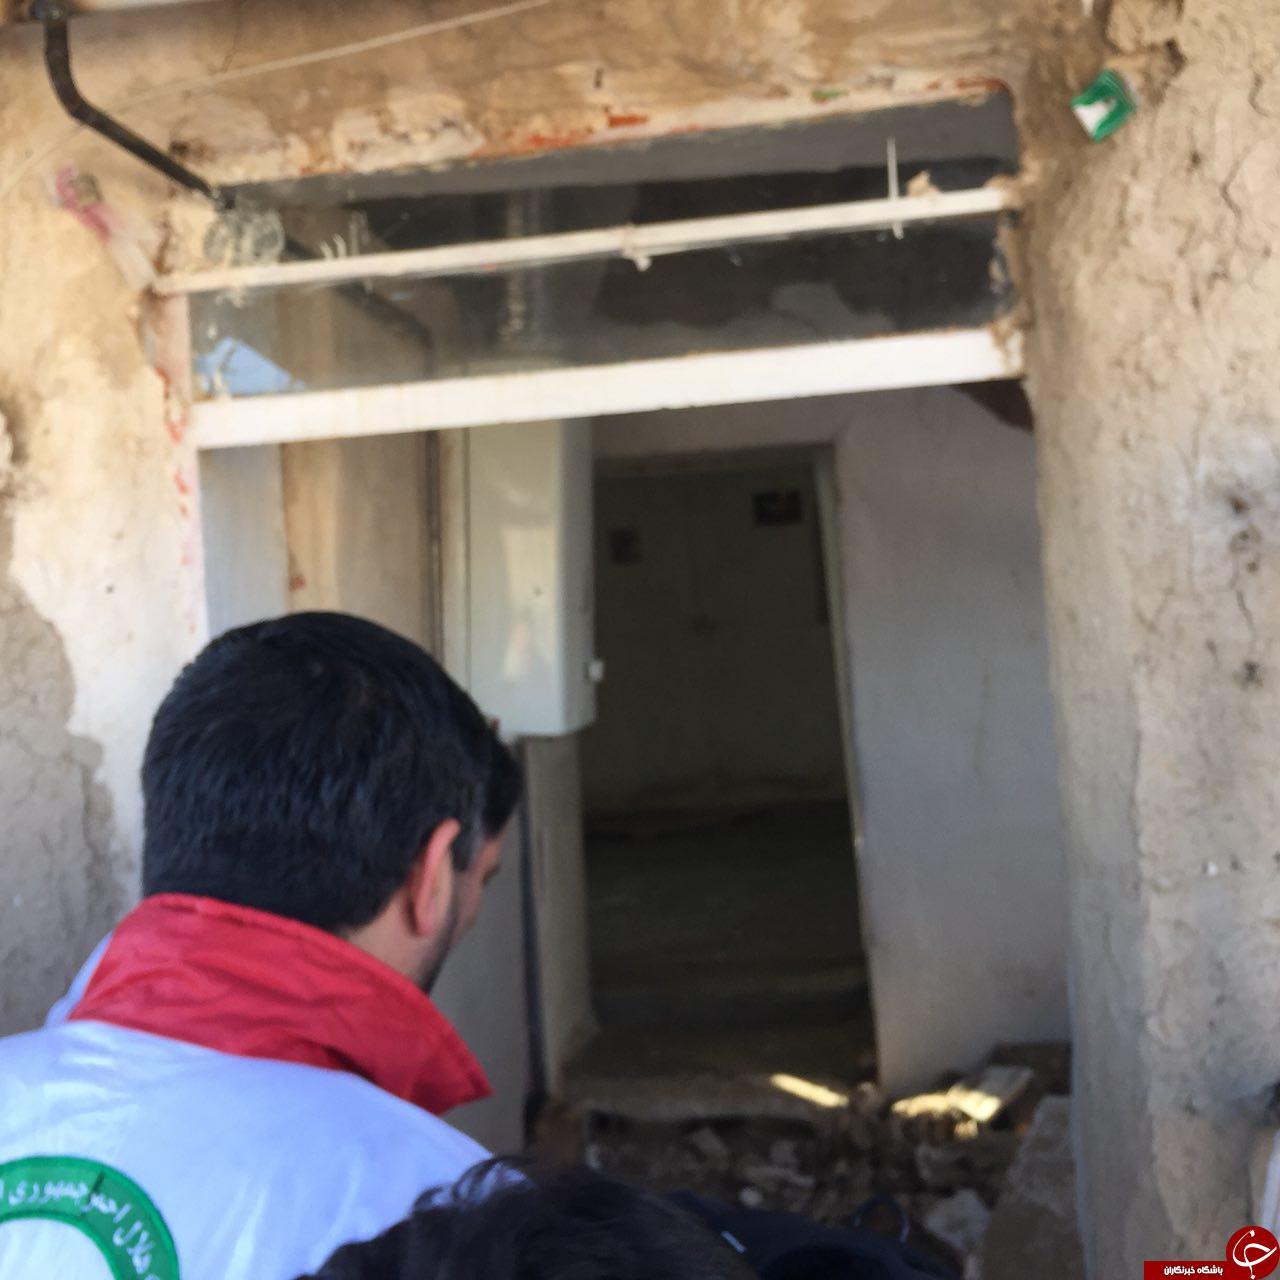 اختصاصی باشگاه خبرنگاران/ تصاویر مناطق زلزله زده کرمانشاه